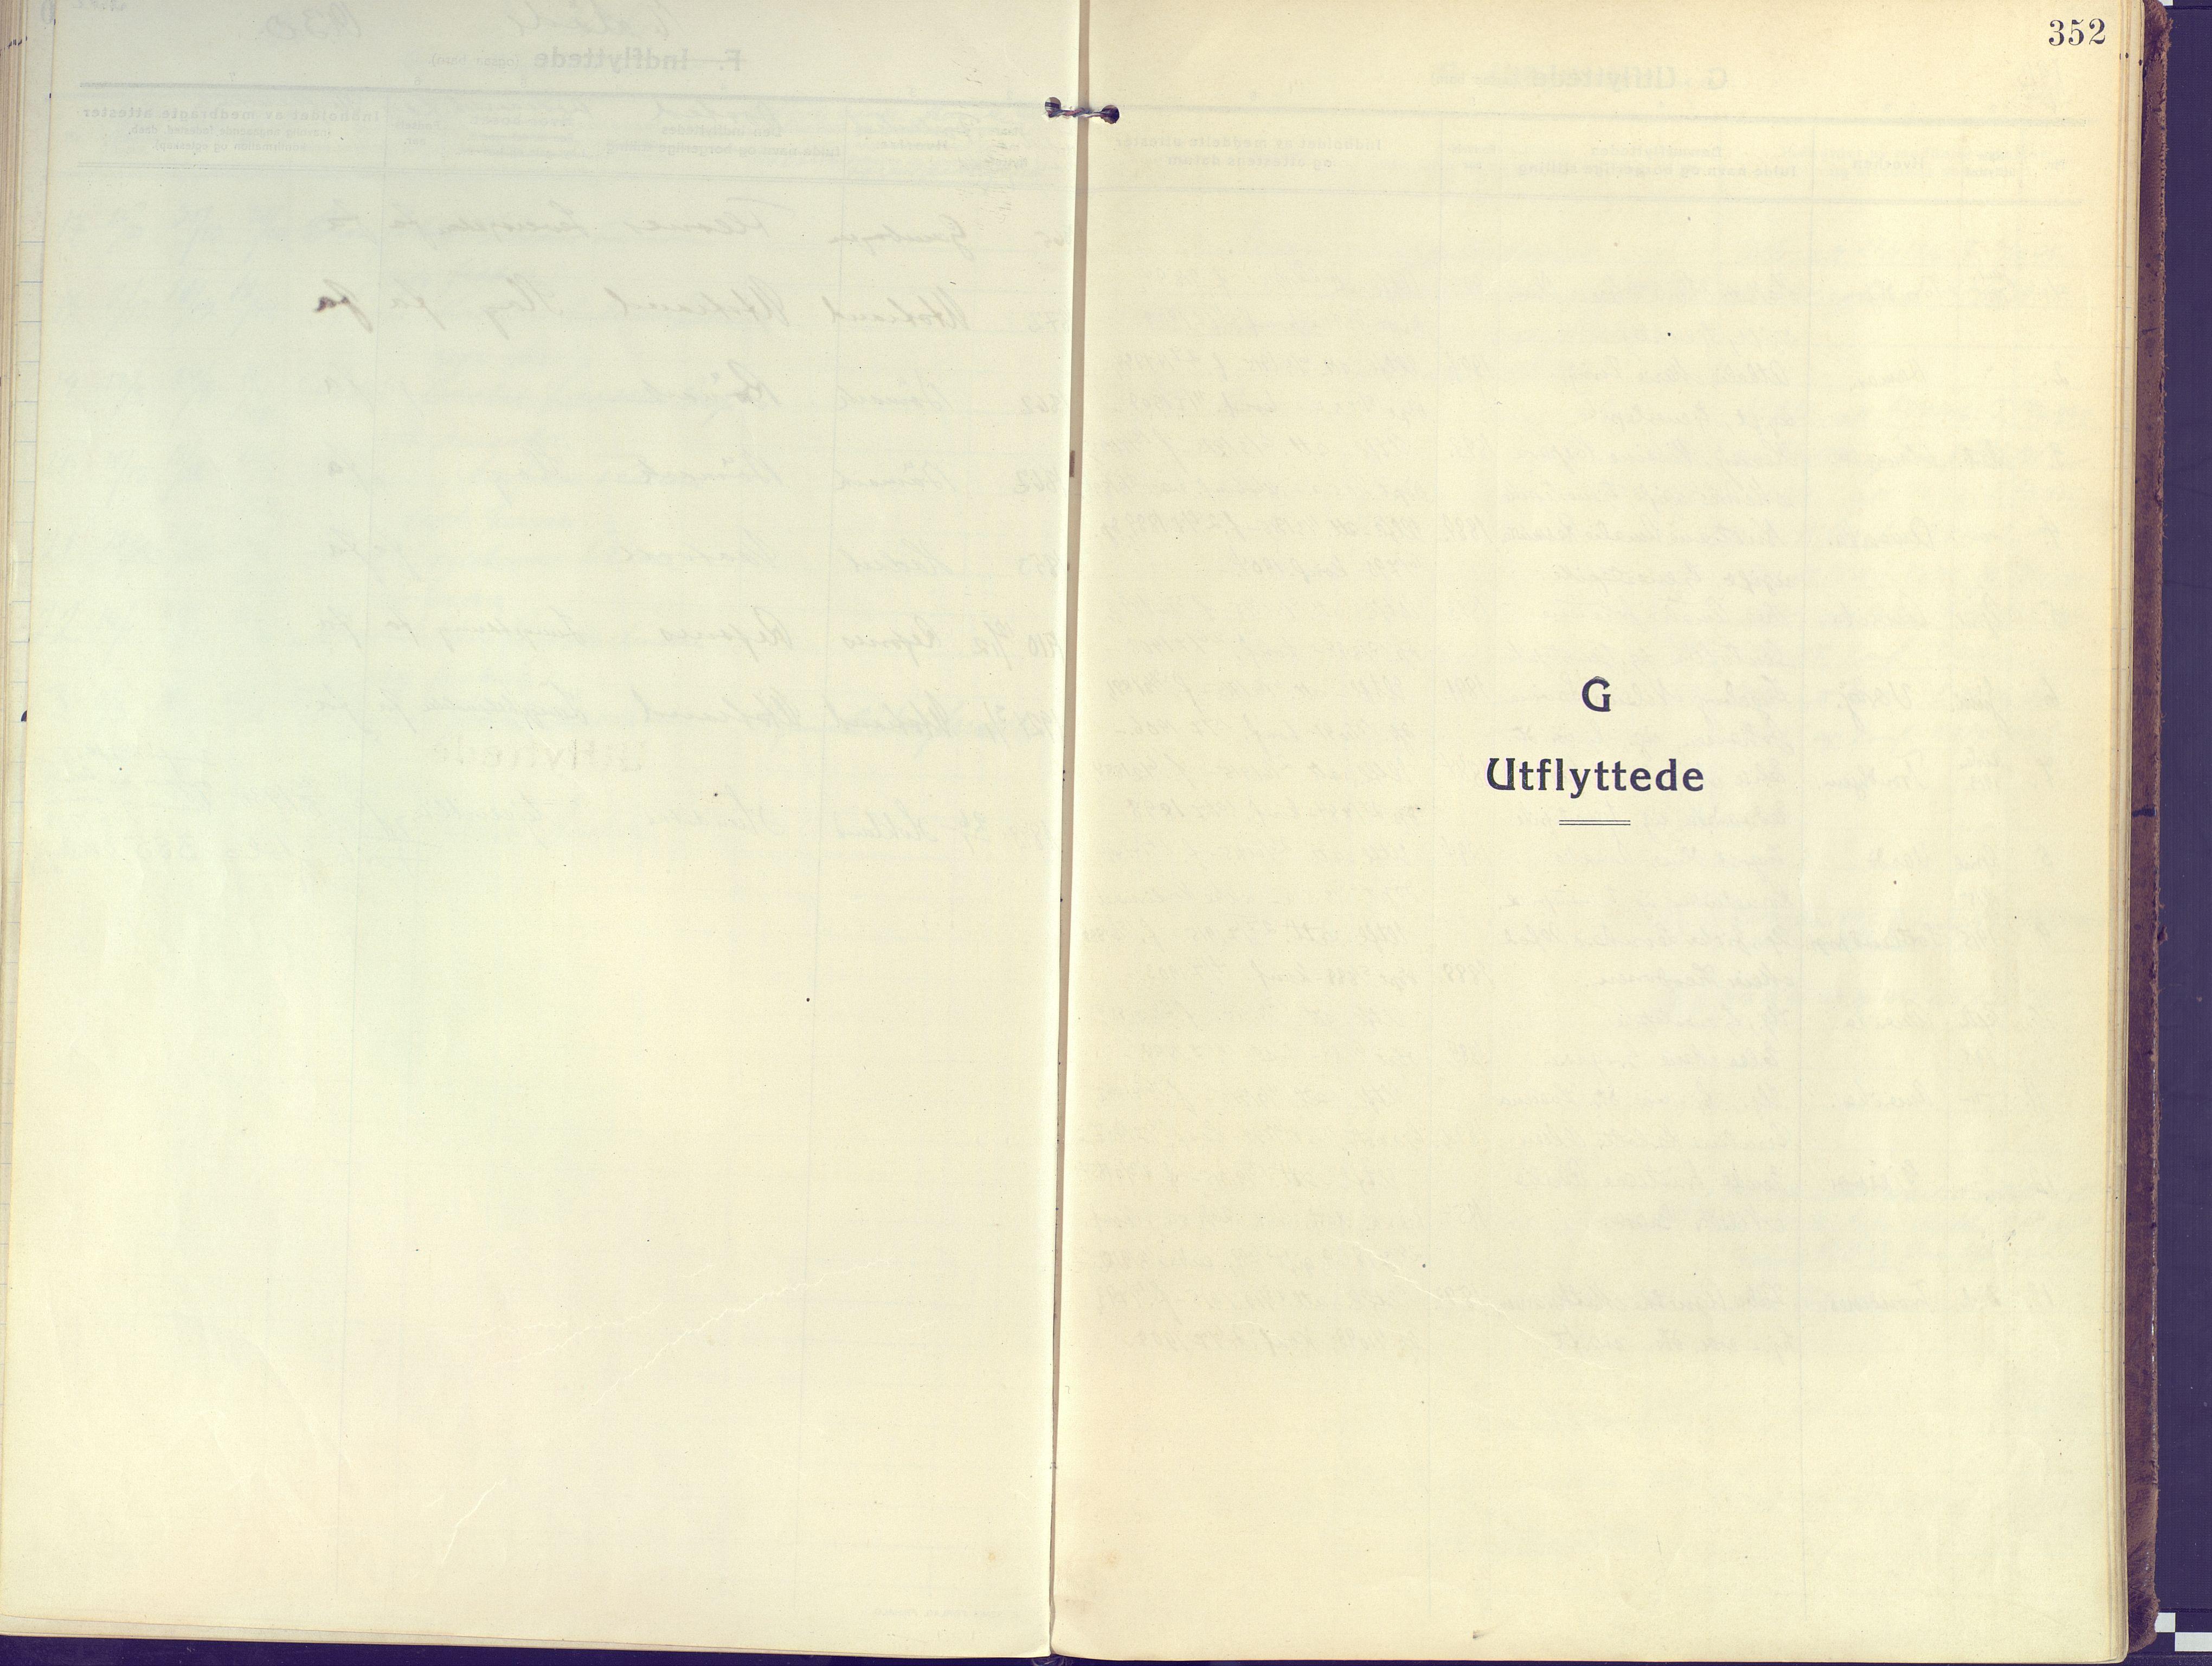 SATØ, Kvæfjord sokneprestkontor, G/Ga/Gaa/L0007kirke: Ministerialbok nr. 7, 1915-1931, s. 352